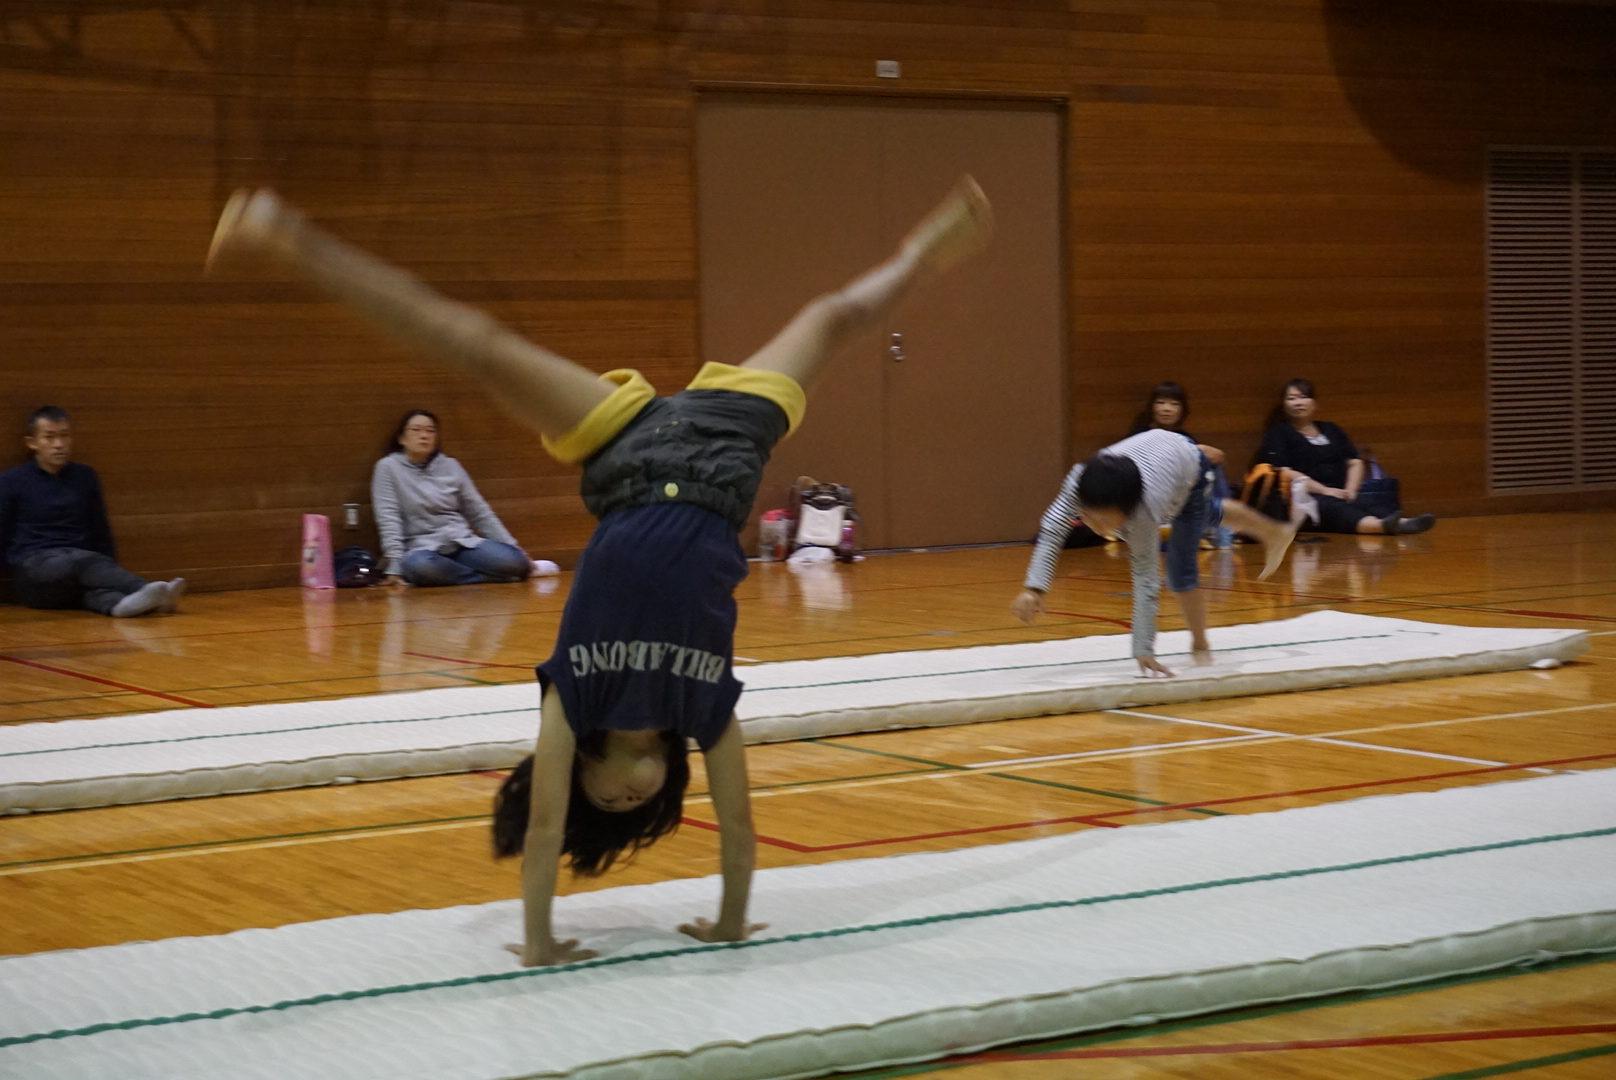 11月9日(水)のアクロバット体操参加者募集中